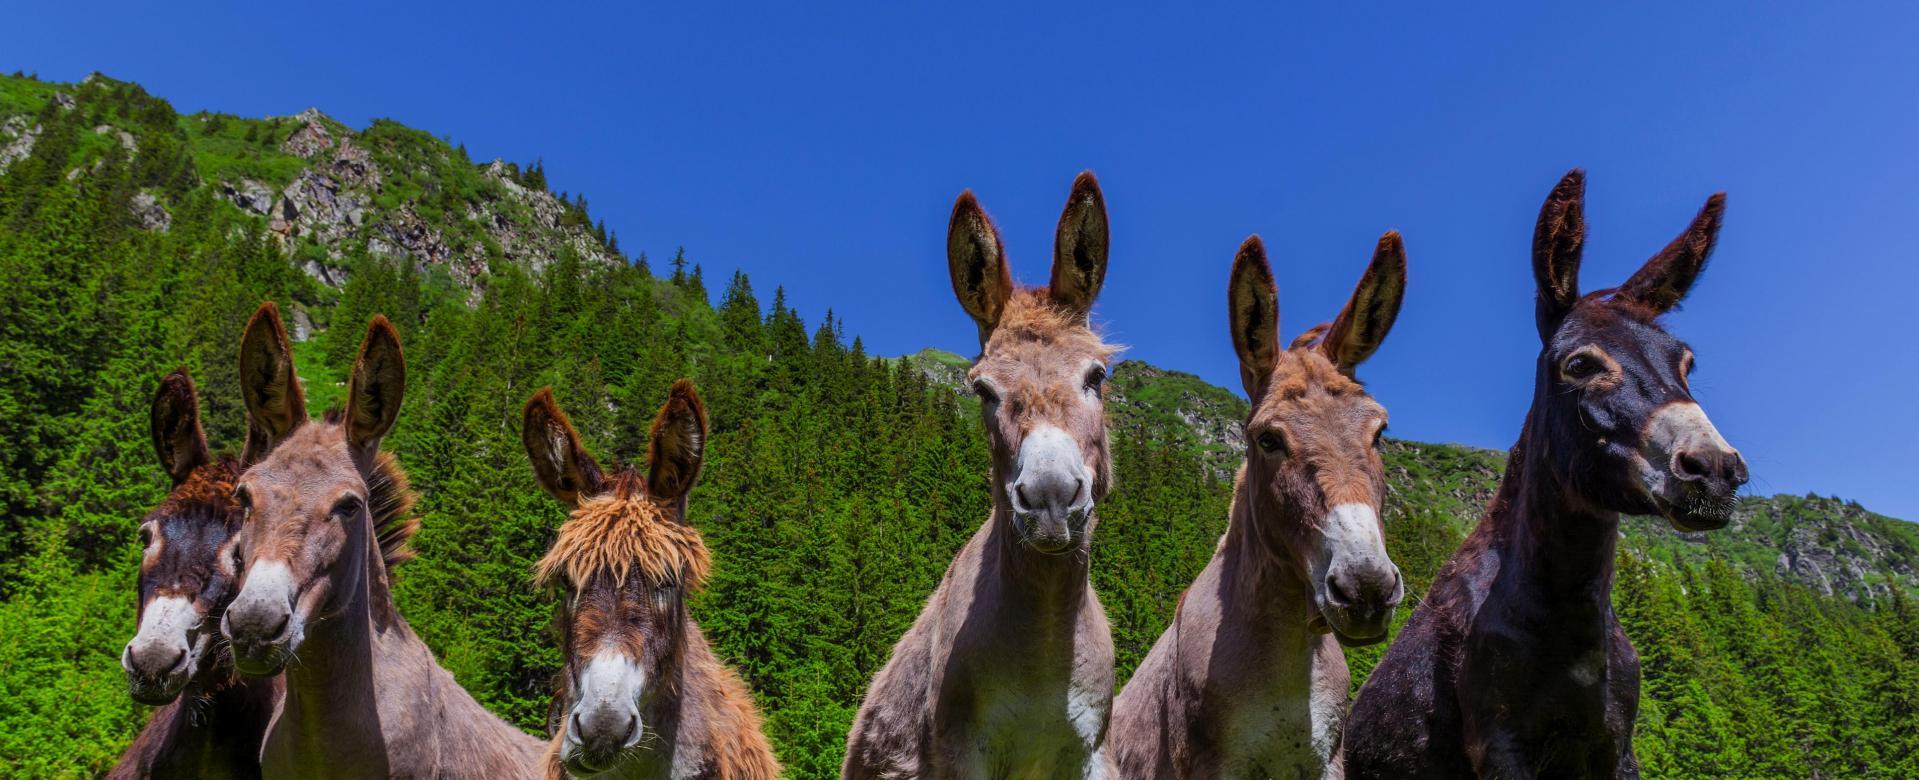 Voyage avec des animaux : Le tour des quatre-montagnes avec mon âne